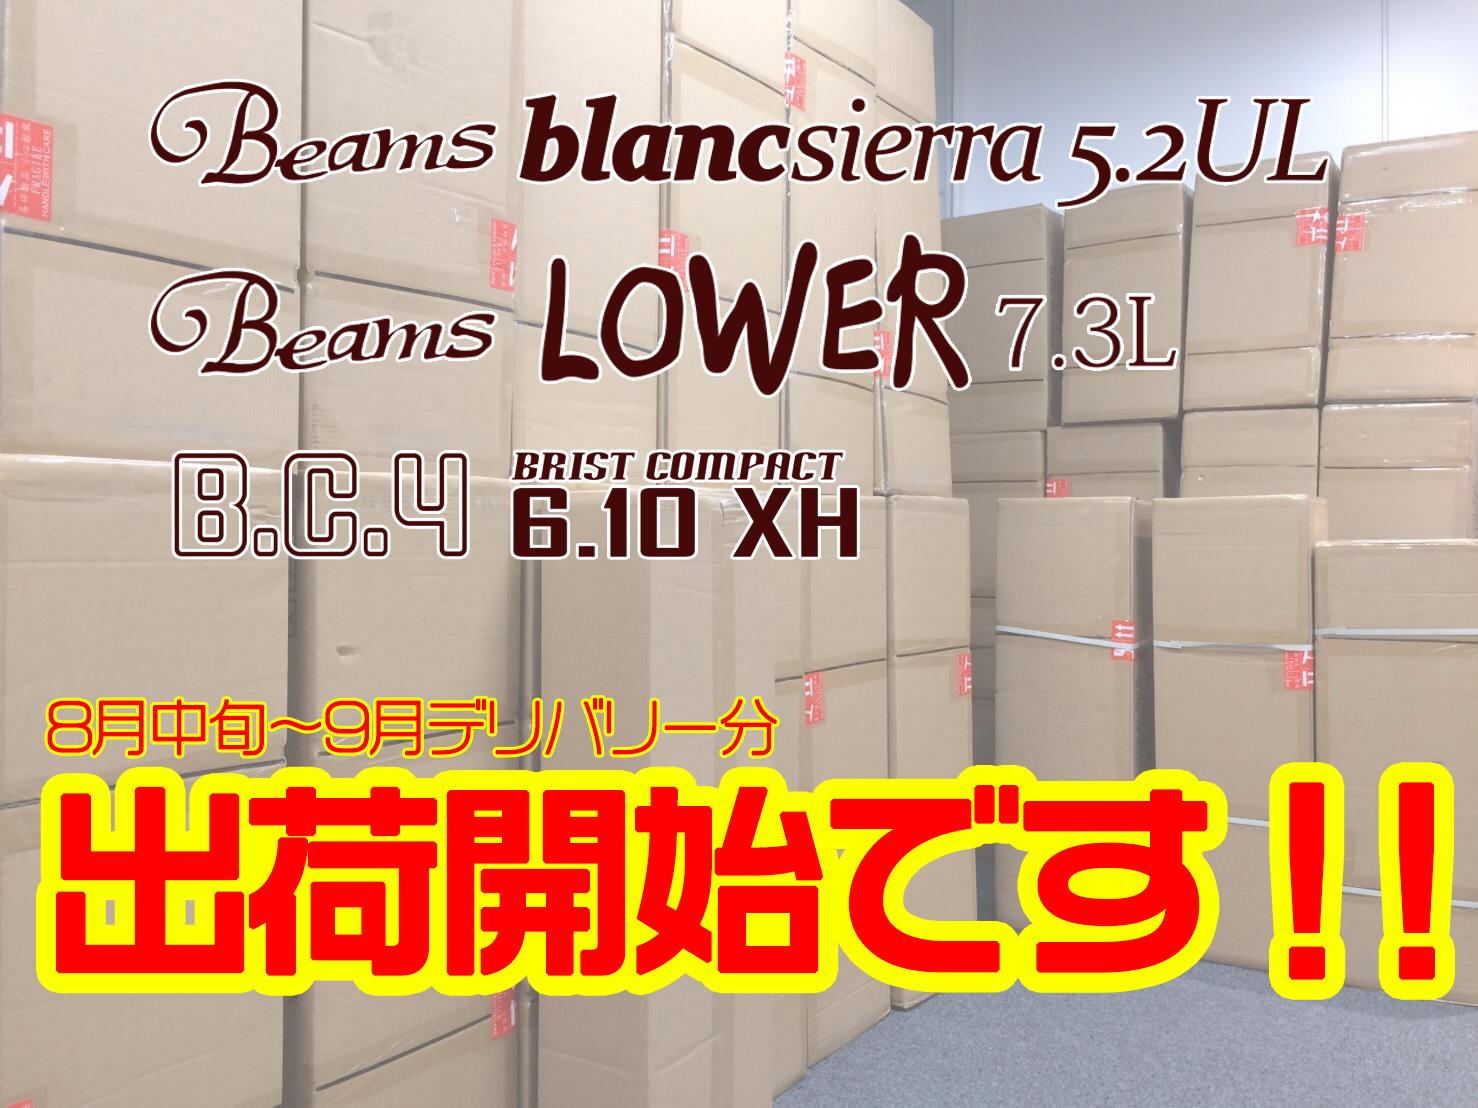 8月中旬~9月デリバリー分Beams blancsierra5.2UL、Beams LOWER7.3L、BC4 6.10XHの出荷を開始致しました